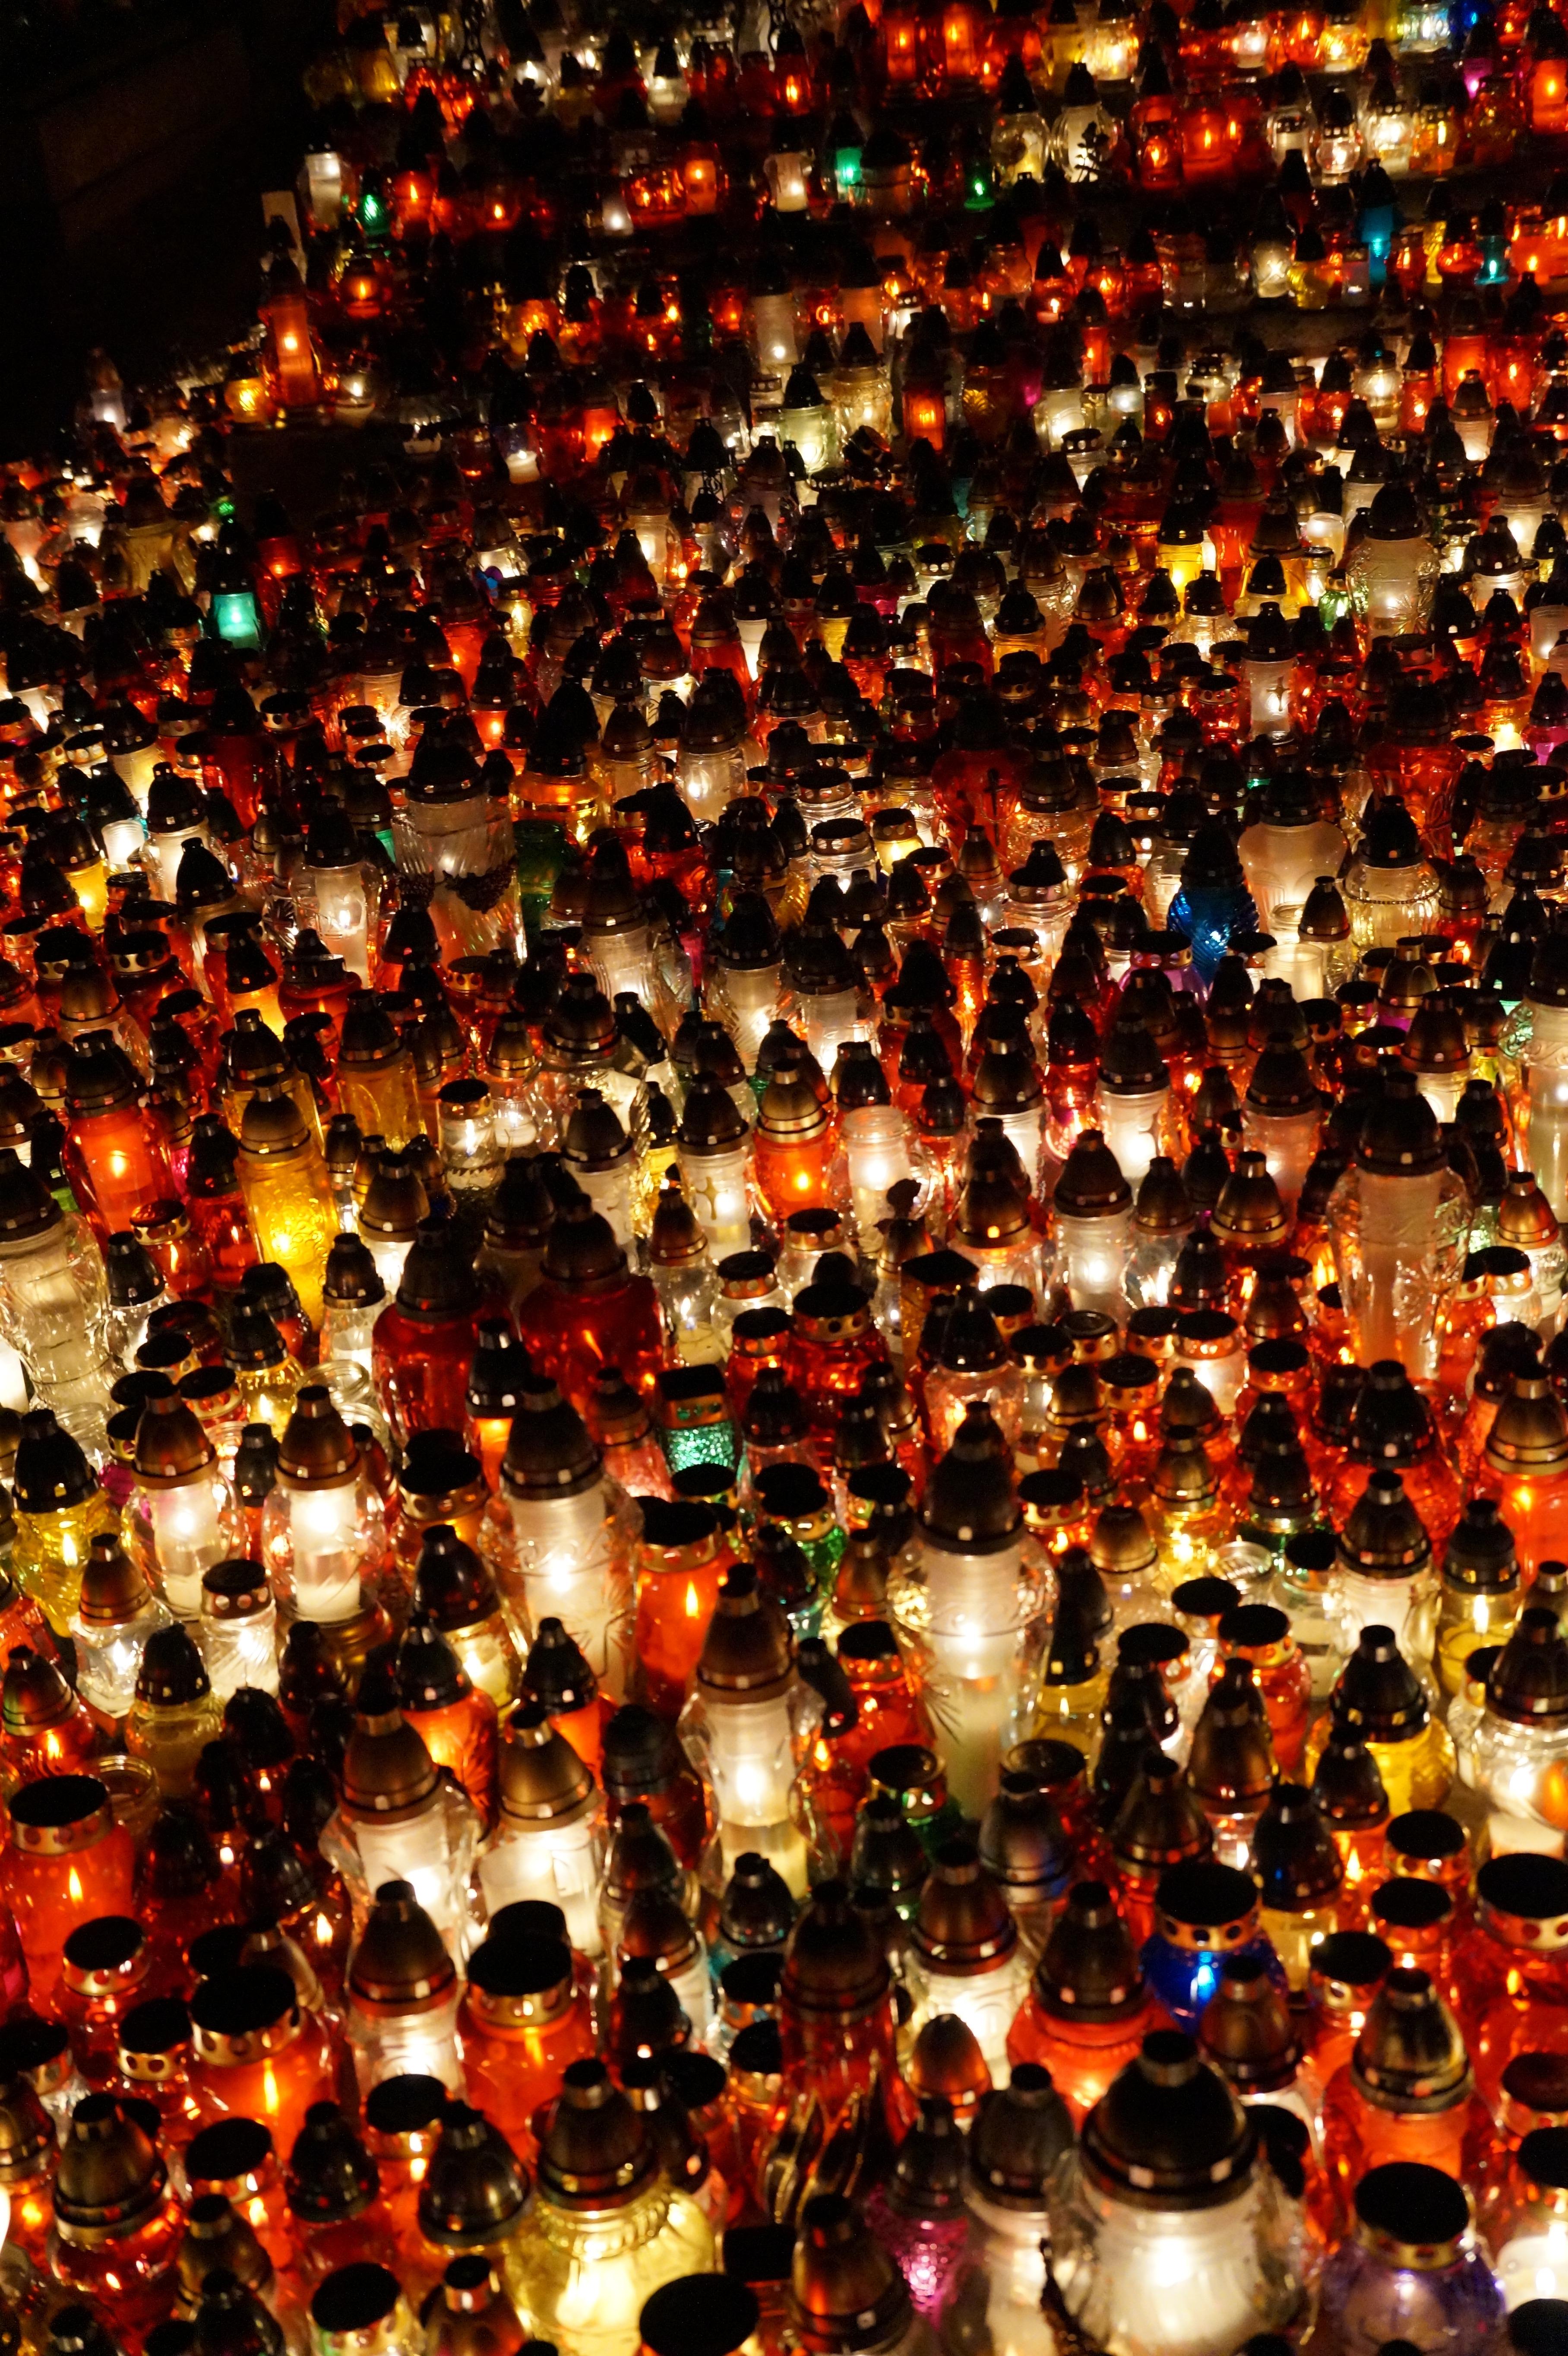 фото с праздником всех святых